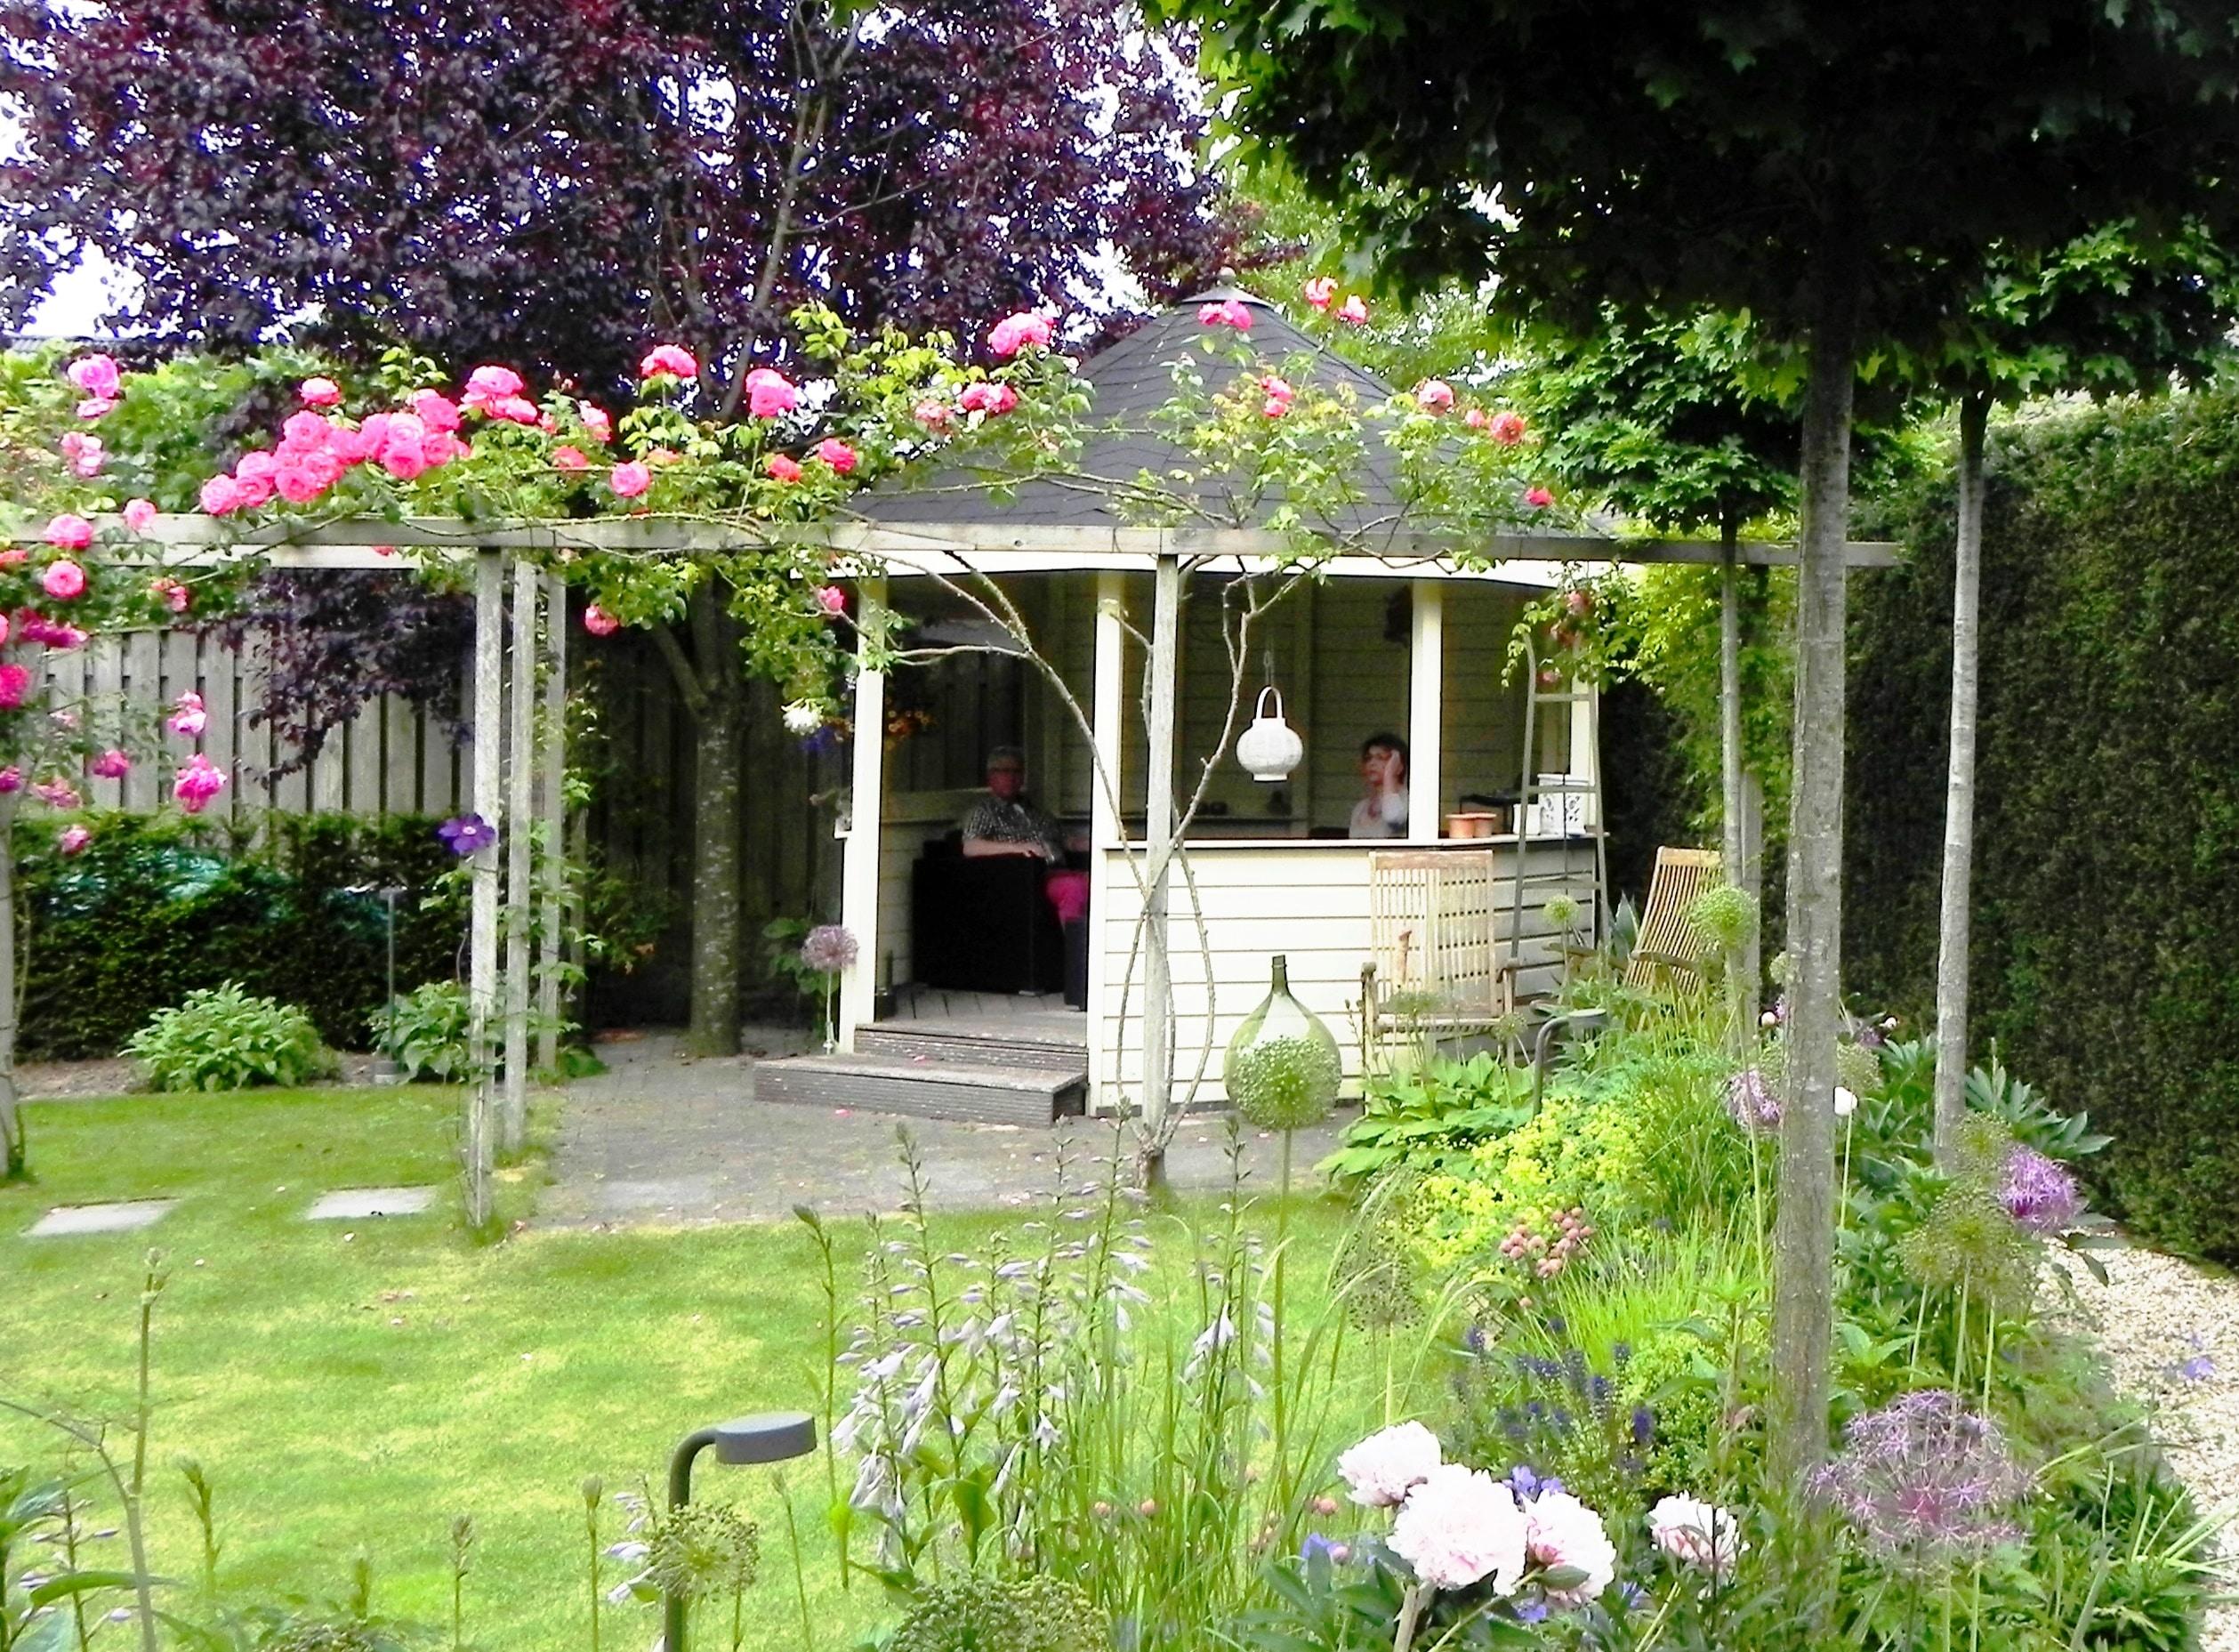 Een romantisch tuinhuisje en een met rozen begroeide pergola in een zonnige achtertuin.